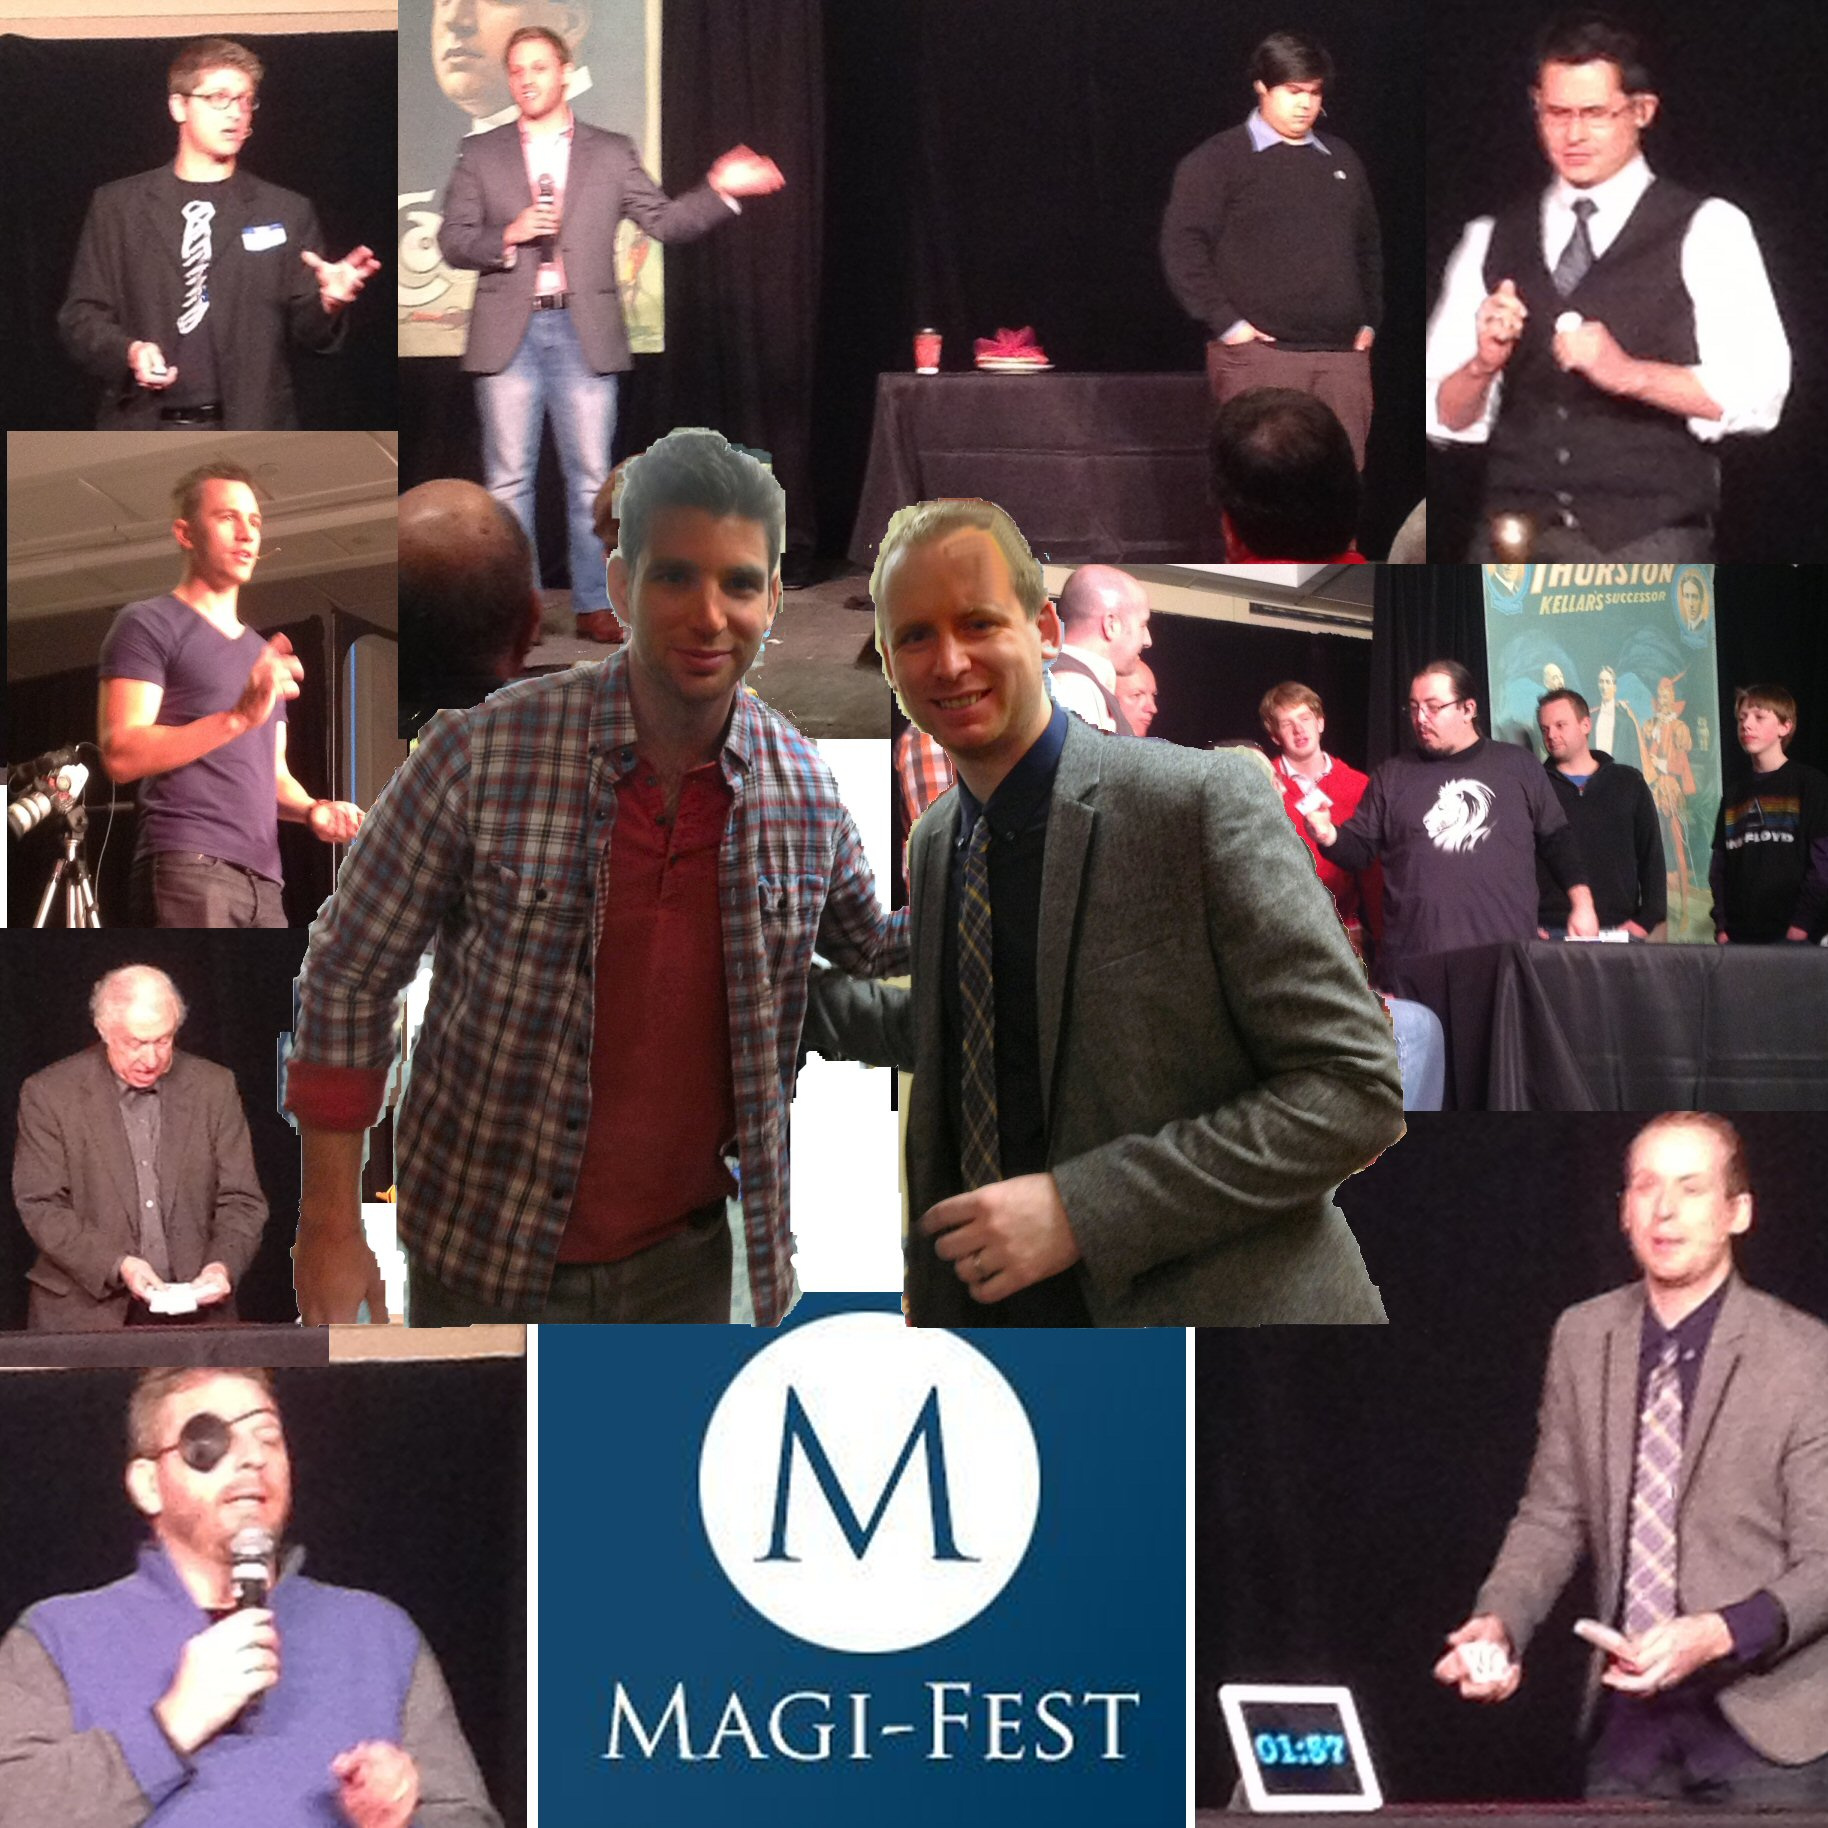 MagiFest 2013 Photos - Day 3